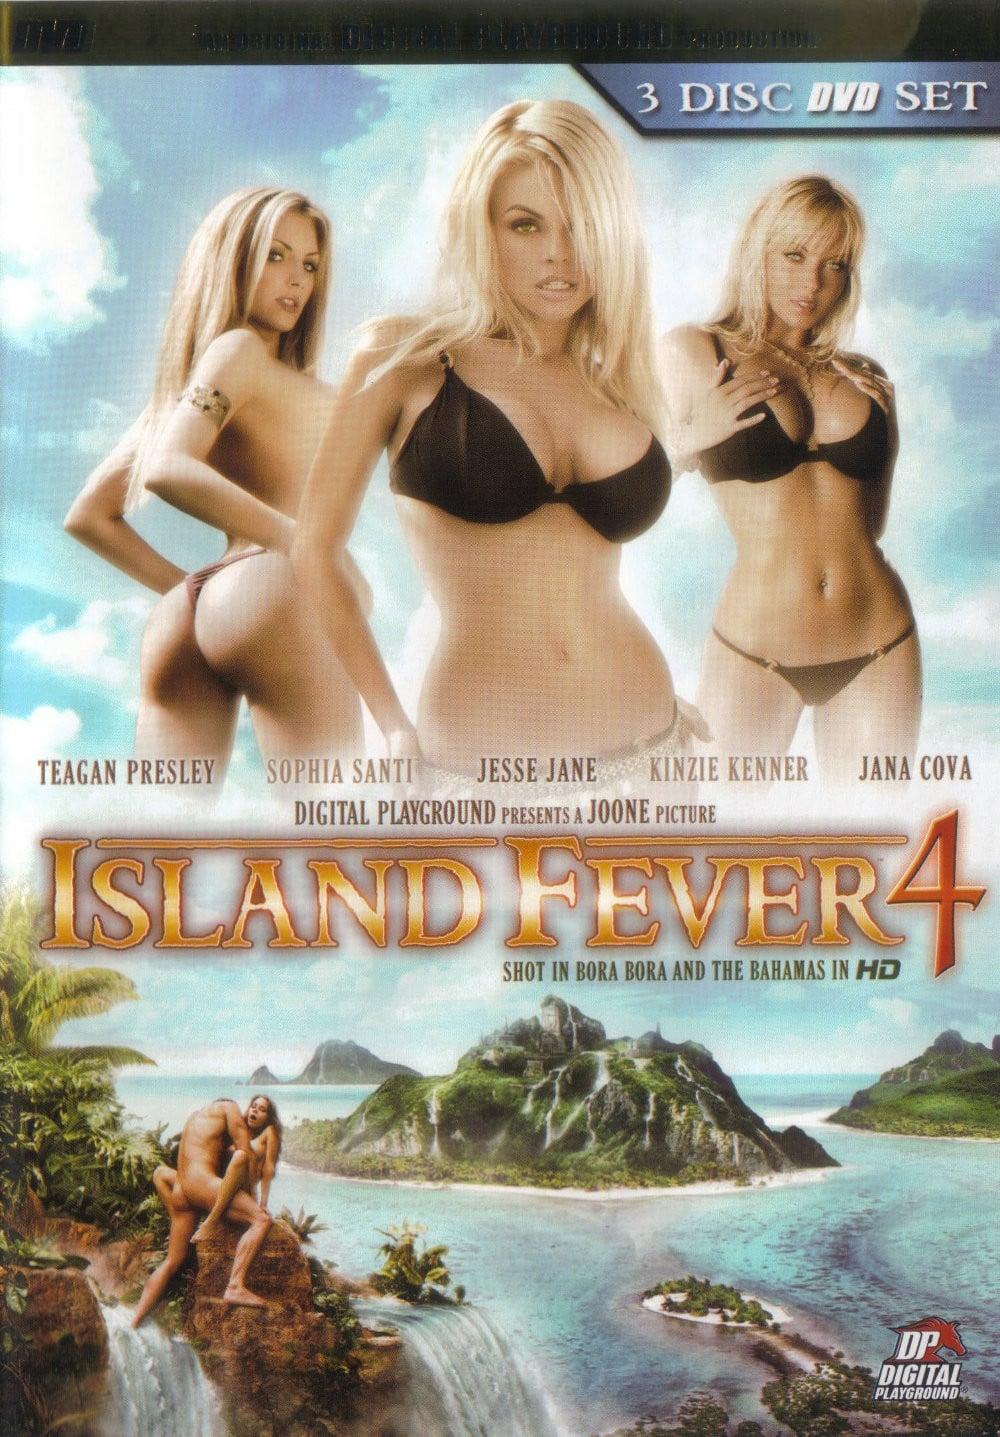 Сексуальная лихорадка на острове 4 смотреть 8 фотография